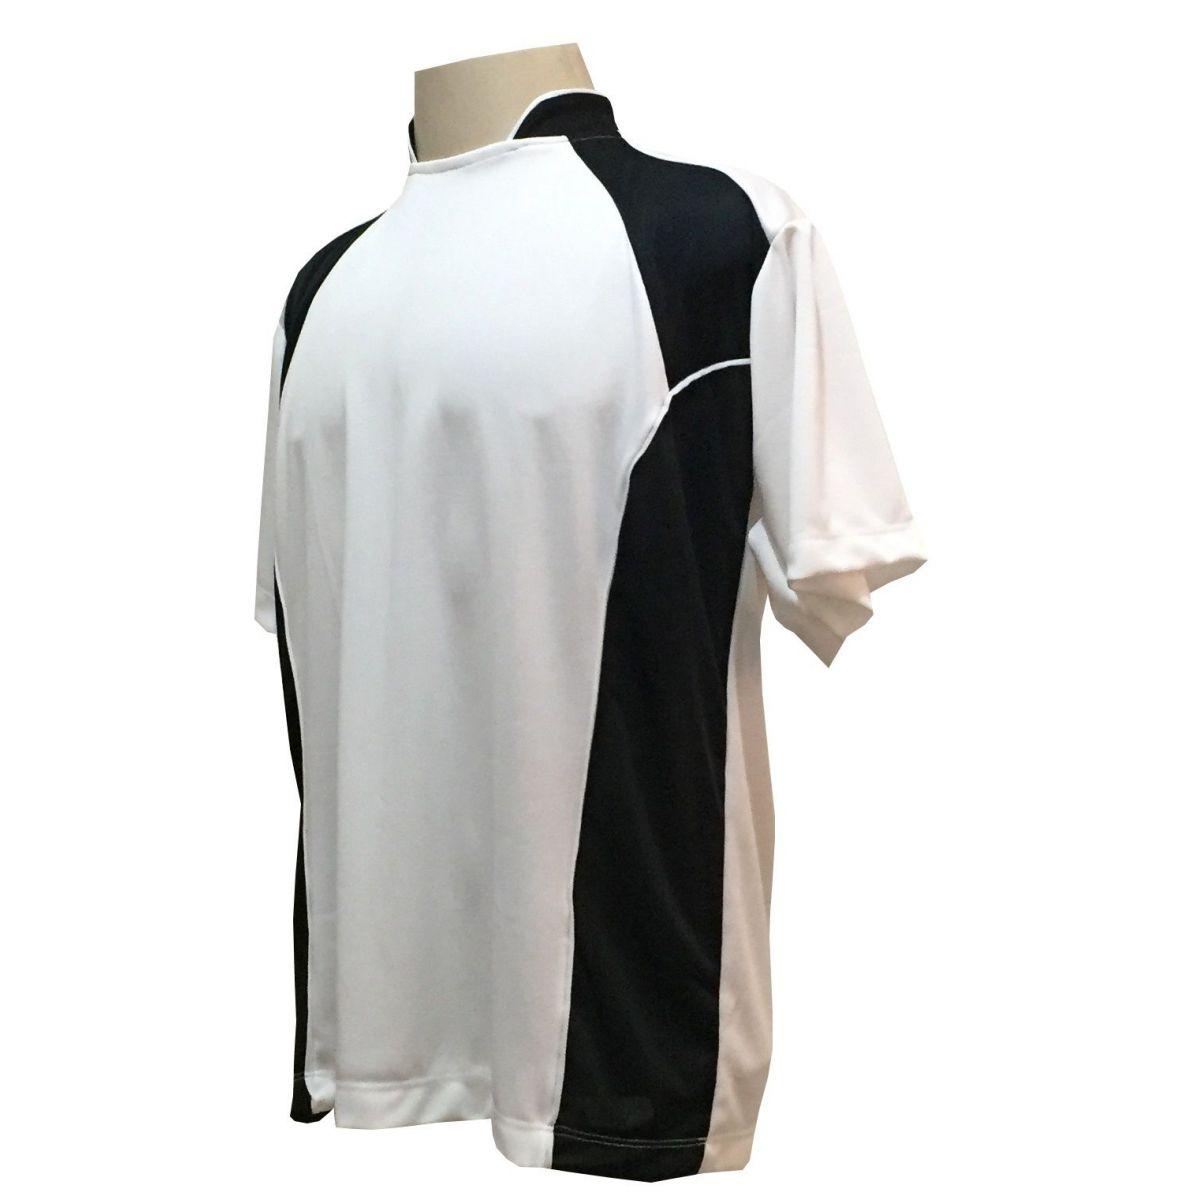 Jogo de Camisa com 14 unidades modelo Suécia Branco/Preto + 1 Goleiro + Brindes